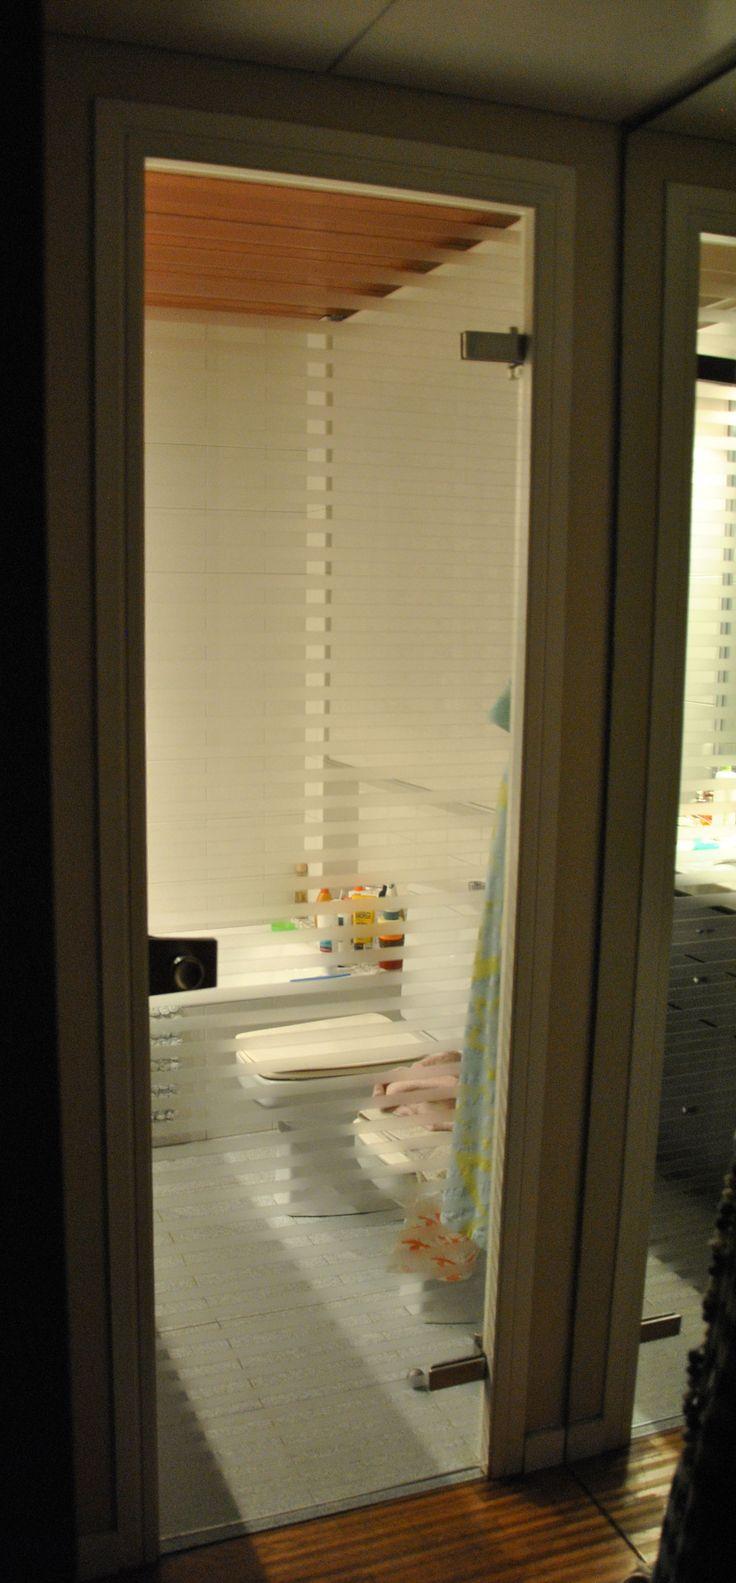 Puerta de vidrio con franjas traslucidas